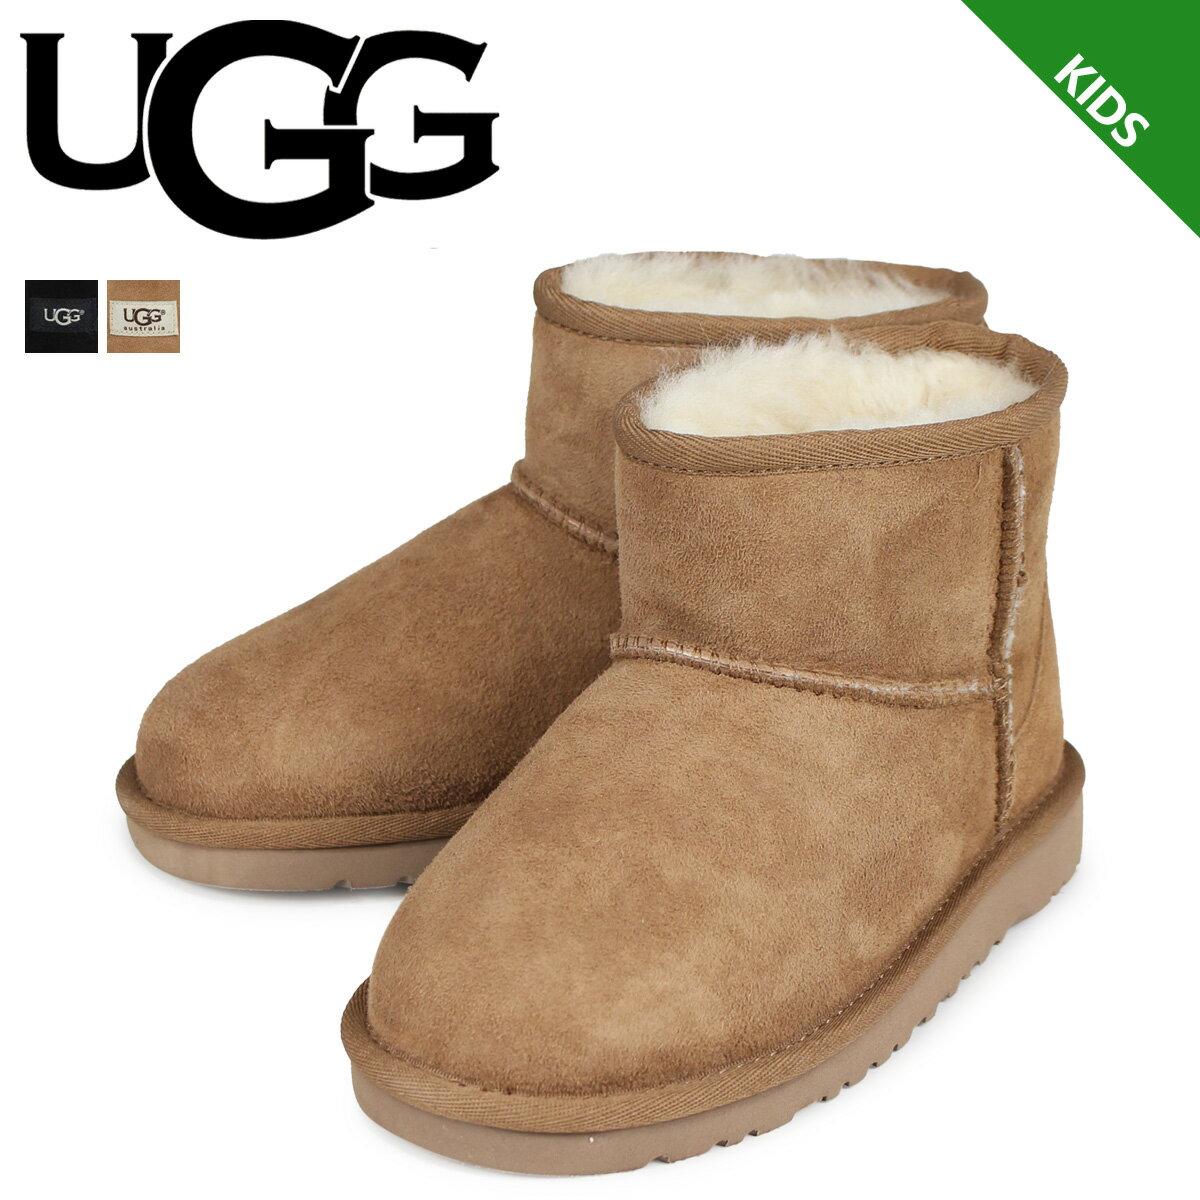 アグ UGG ブーツ ムートンブーツ キッズ クラシック ミニ レディース 1003637K KIDS CLASSIC MINI 正規品